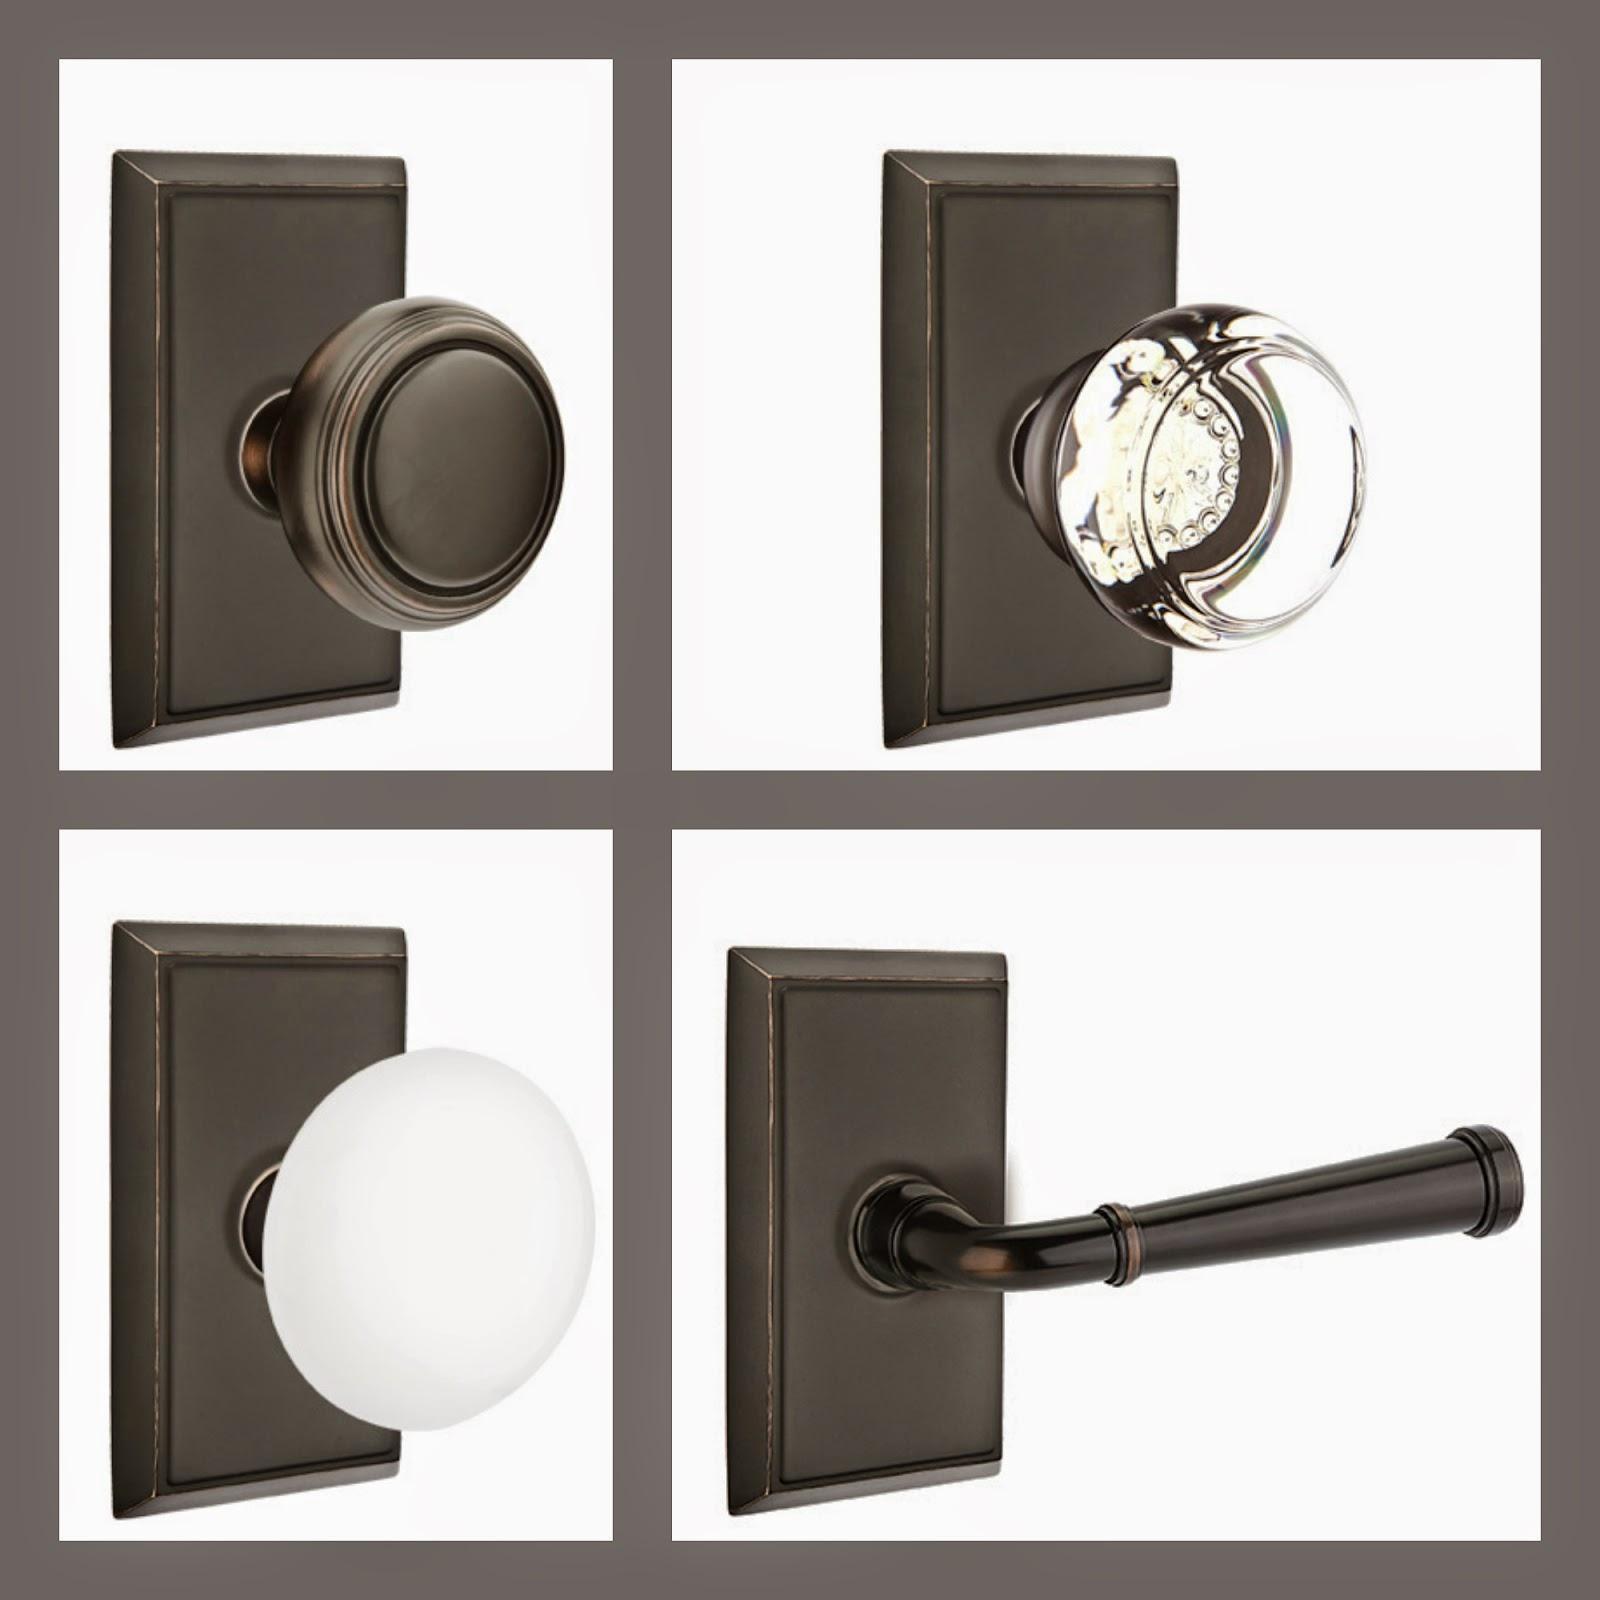 internal door knobs photo - 15